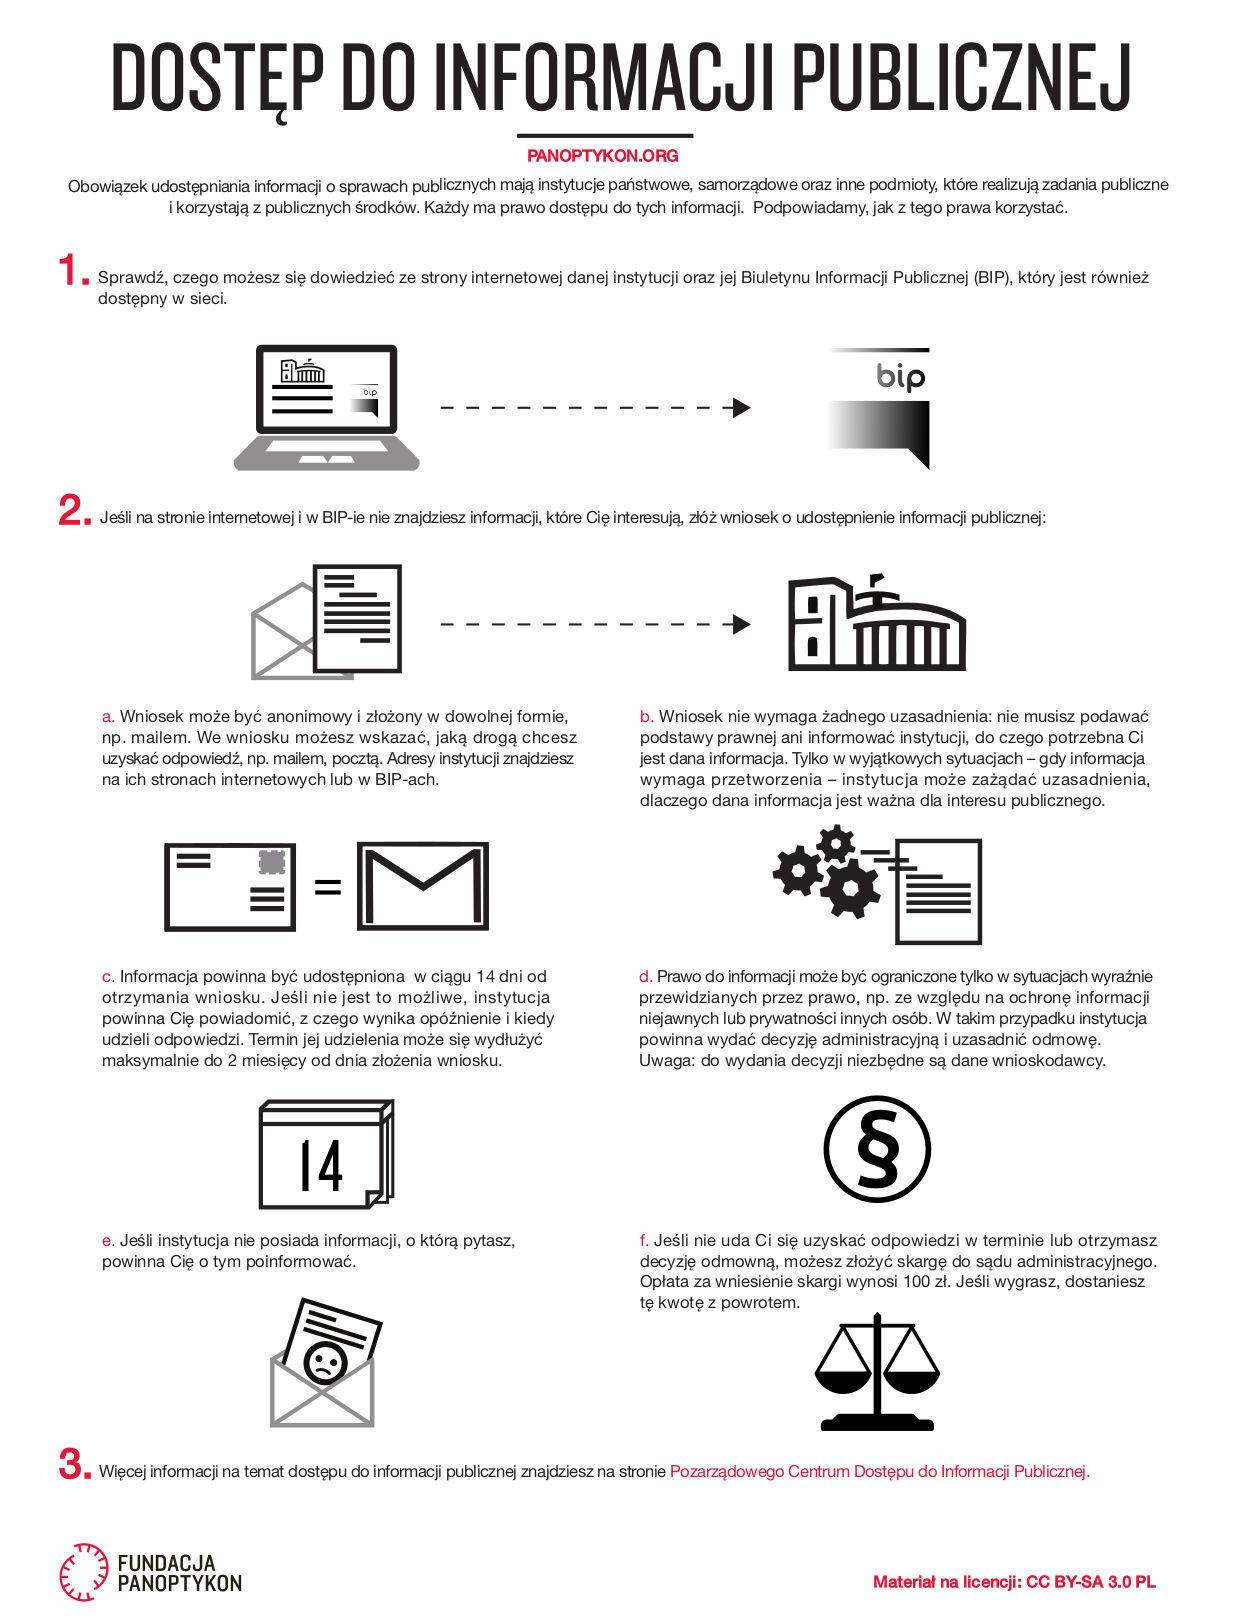 Schemat składania wniosku o dostęp do informacji publicznej.